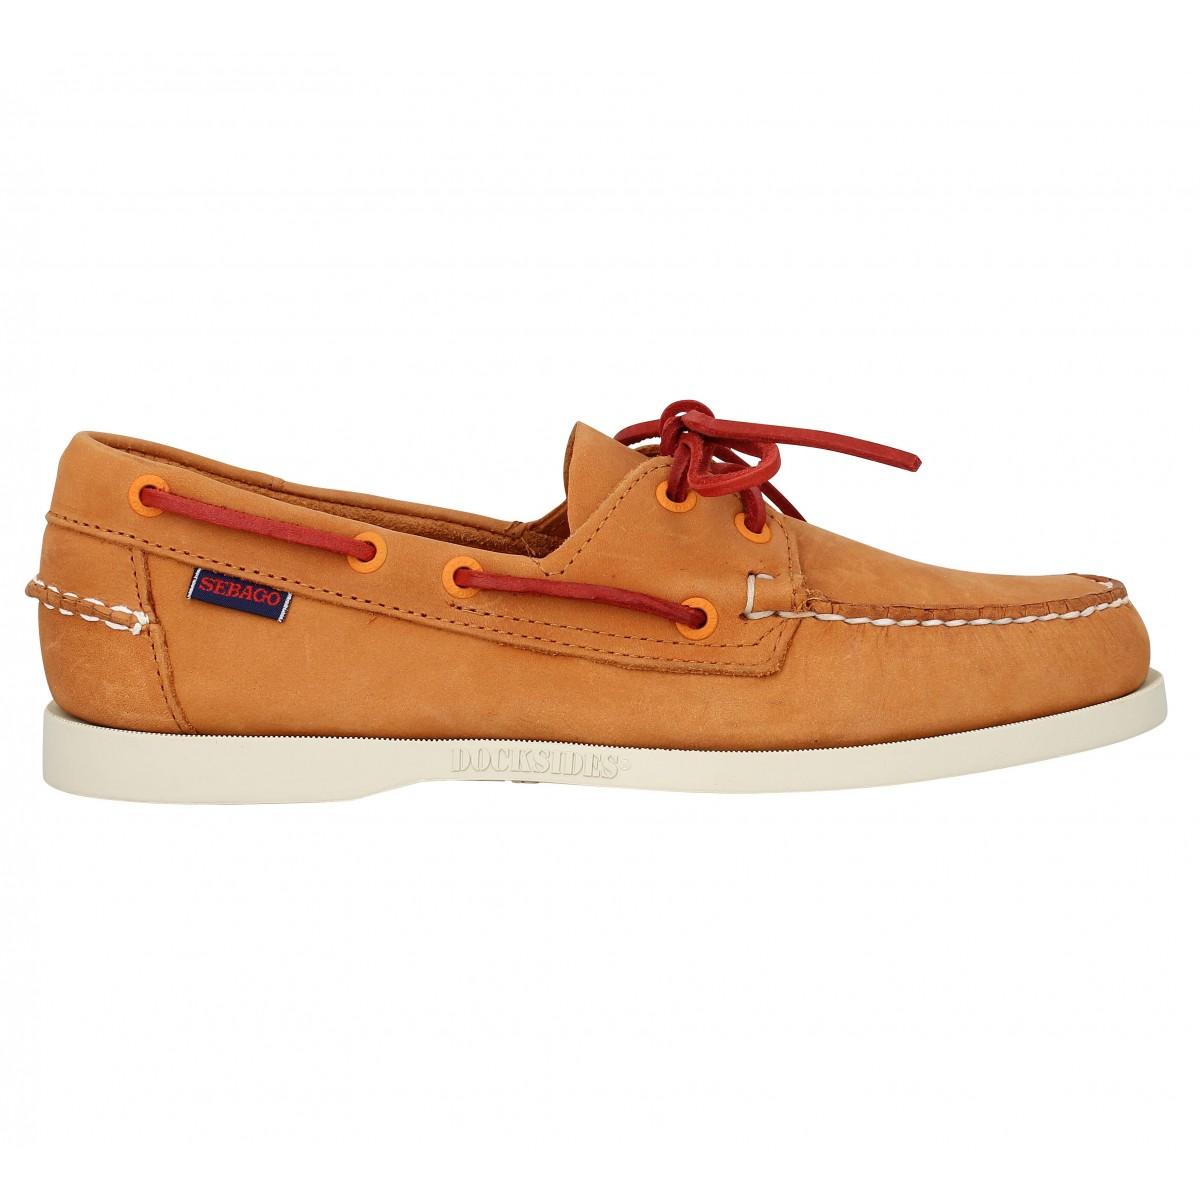 SEBAGO Docksides velours-40-Orange 4pzGSH5Kl